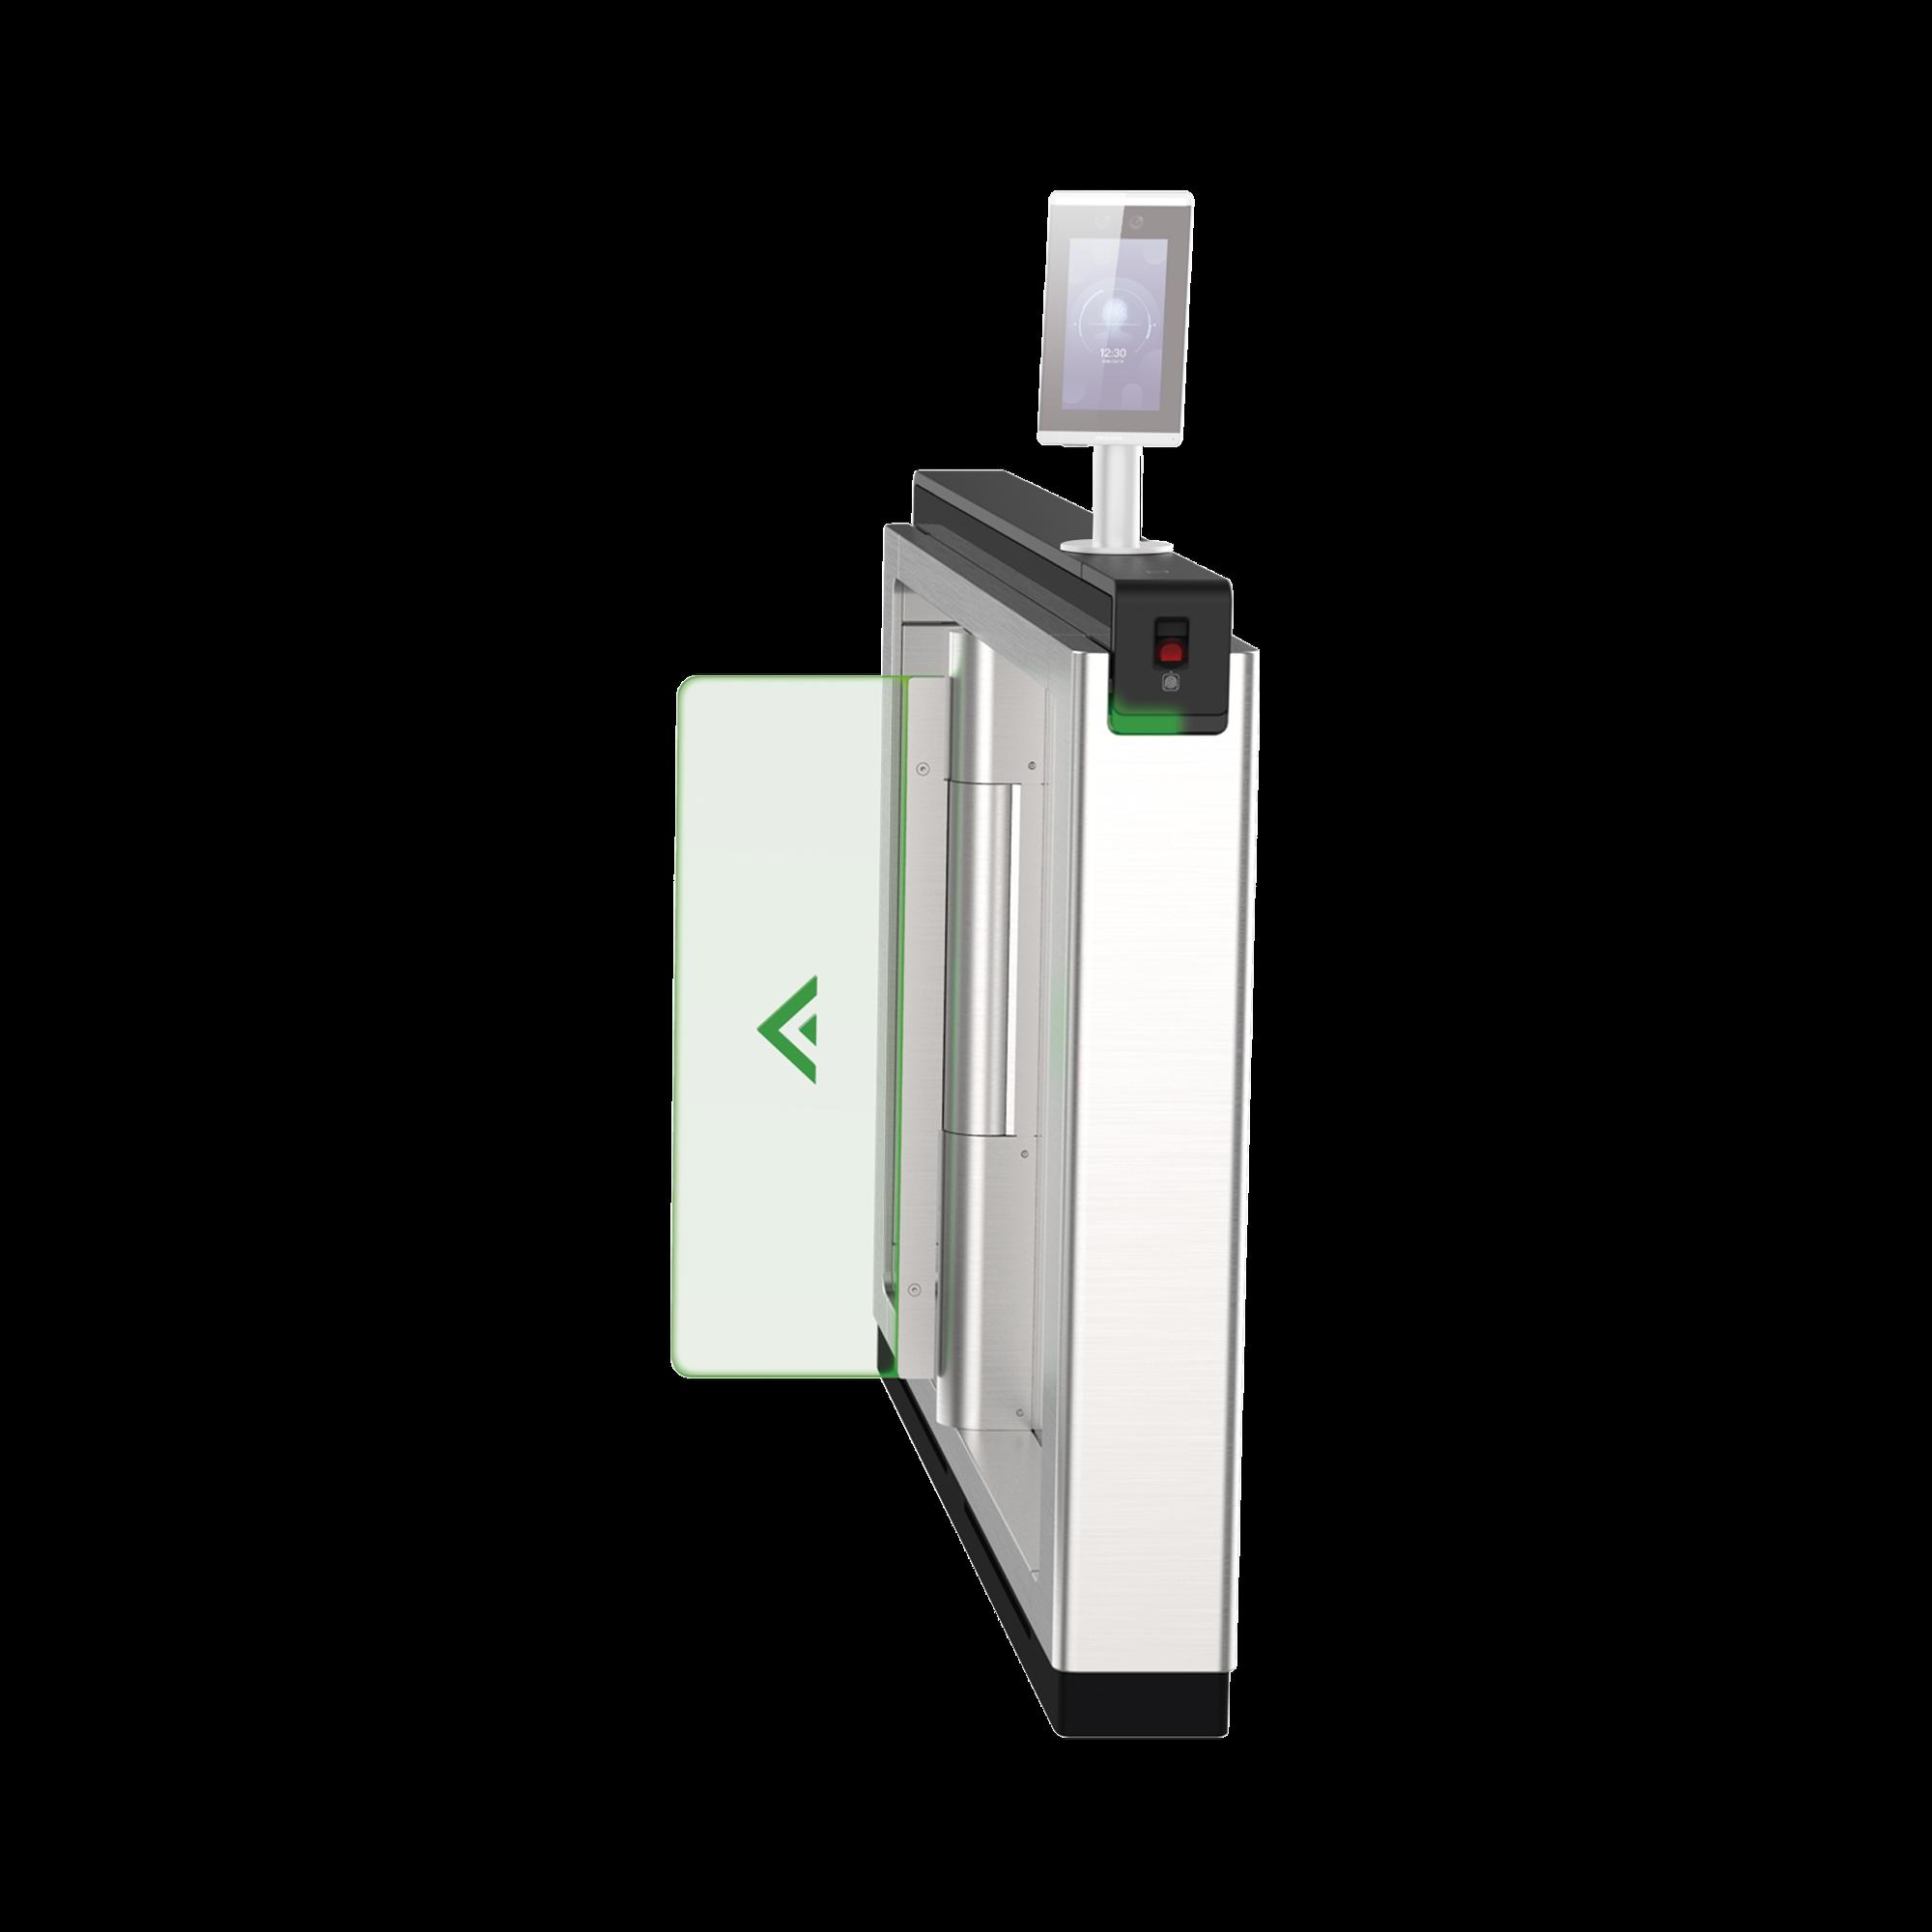 Torniquete de Apertura para Lado Derecho / Metal / Con 12 Pares de Detectores IR / Soporta Terminal de Reconocimiento Facial